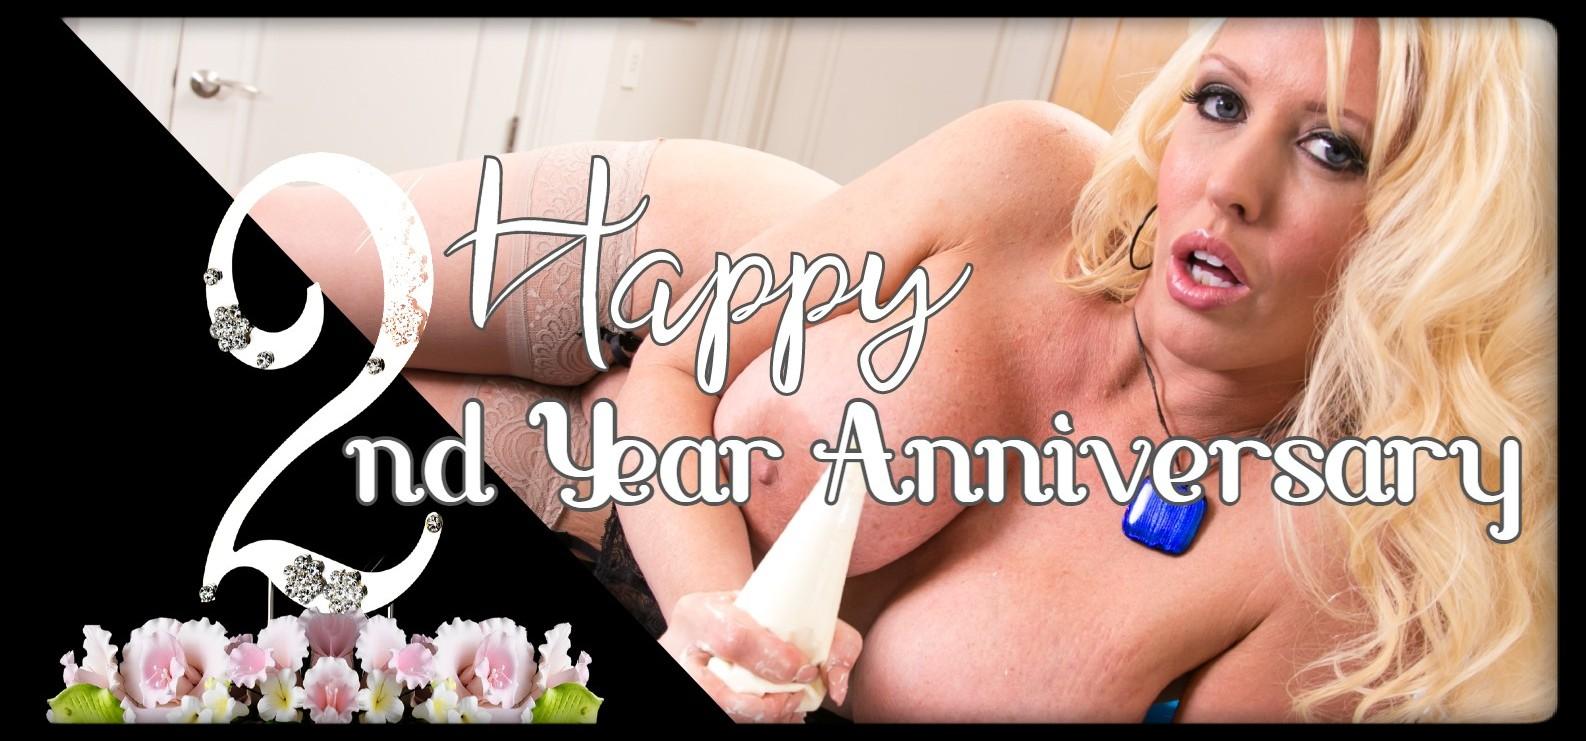 freemegamovies 2 year anniversary